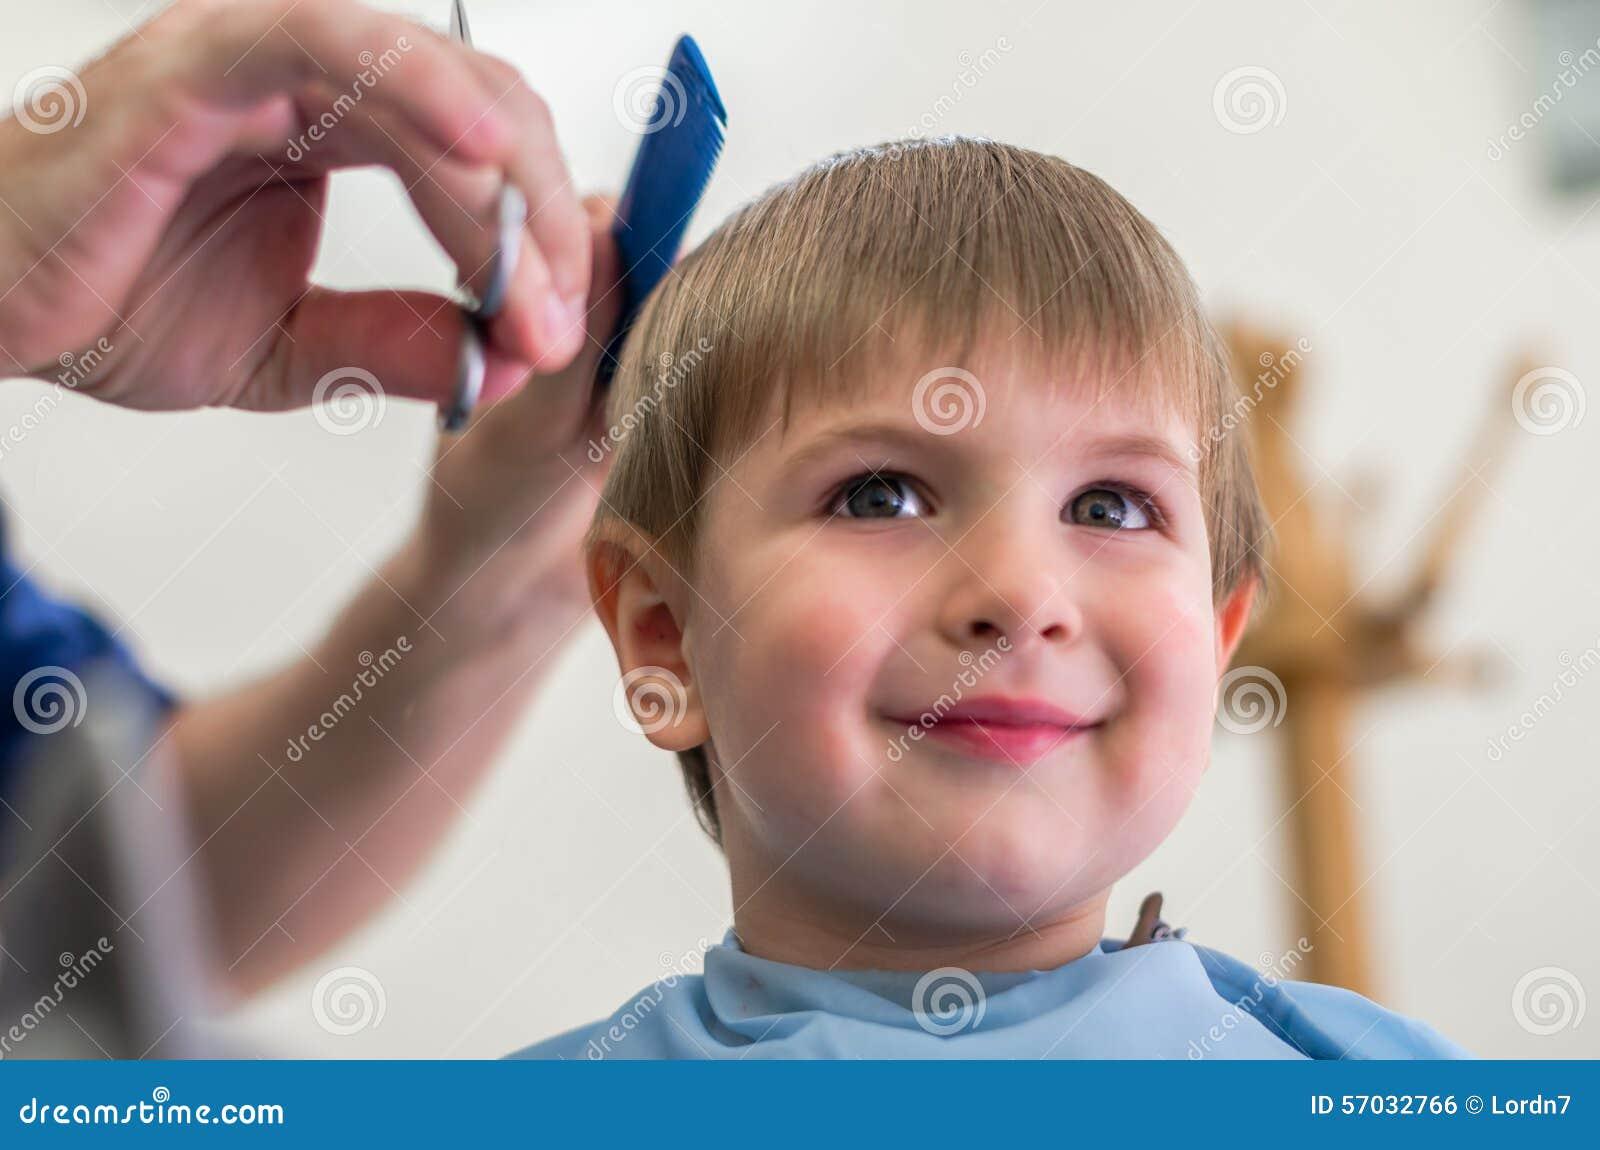 Happy Kids Haircuts